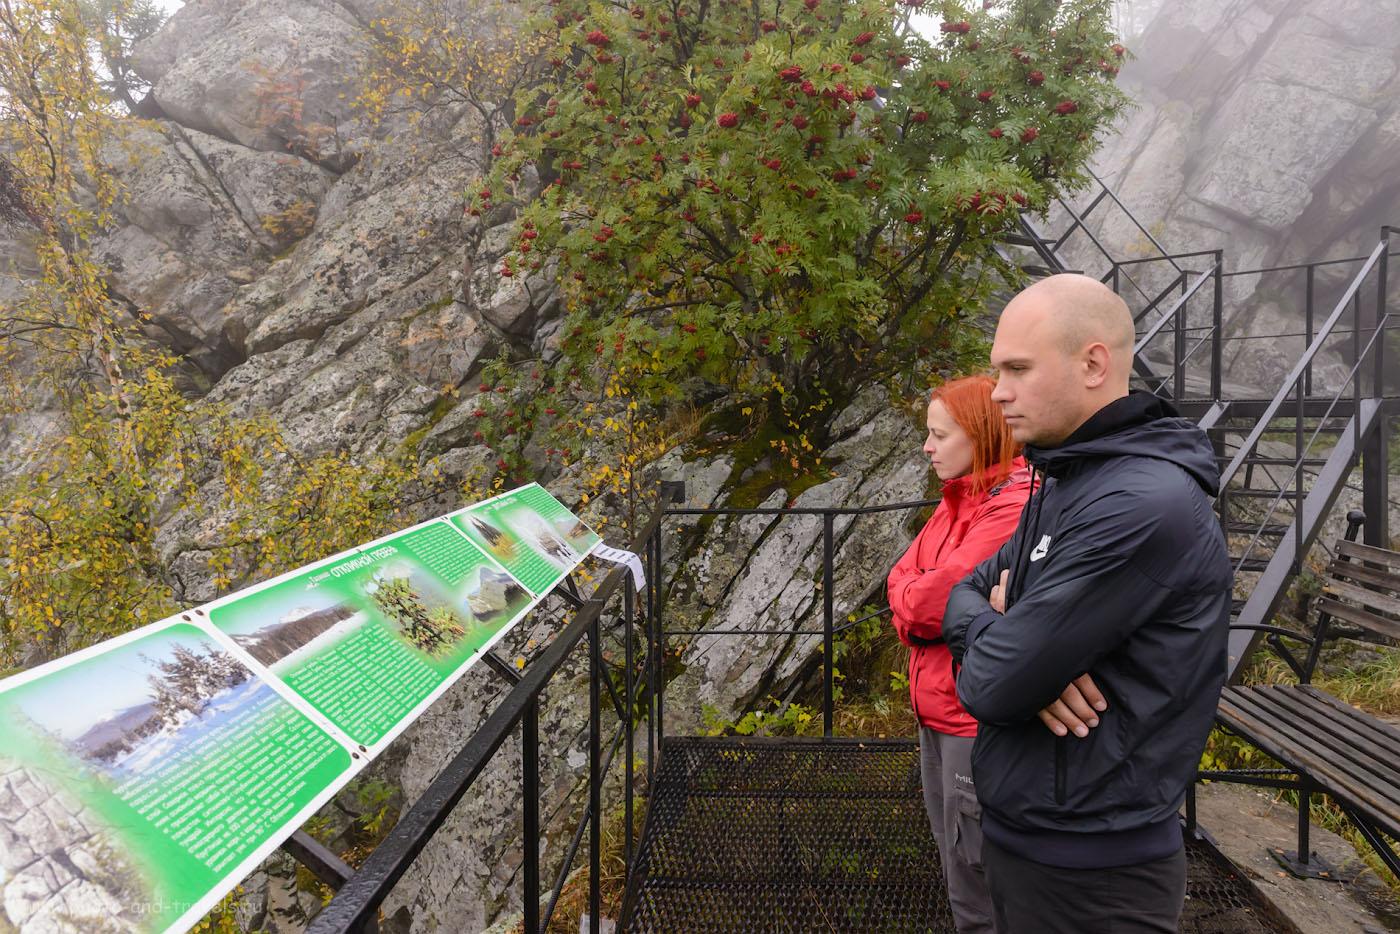 Фото 15. Туристы на Черной скале в национальном парке «Таганай». 1/320, -0.33, 9.0, 1400, 24.